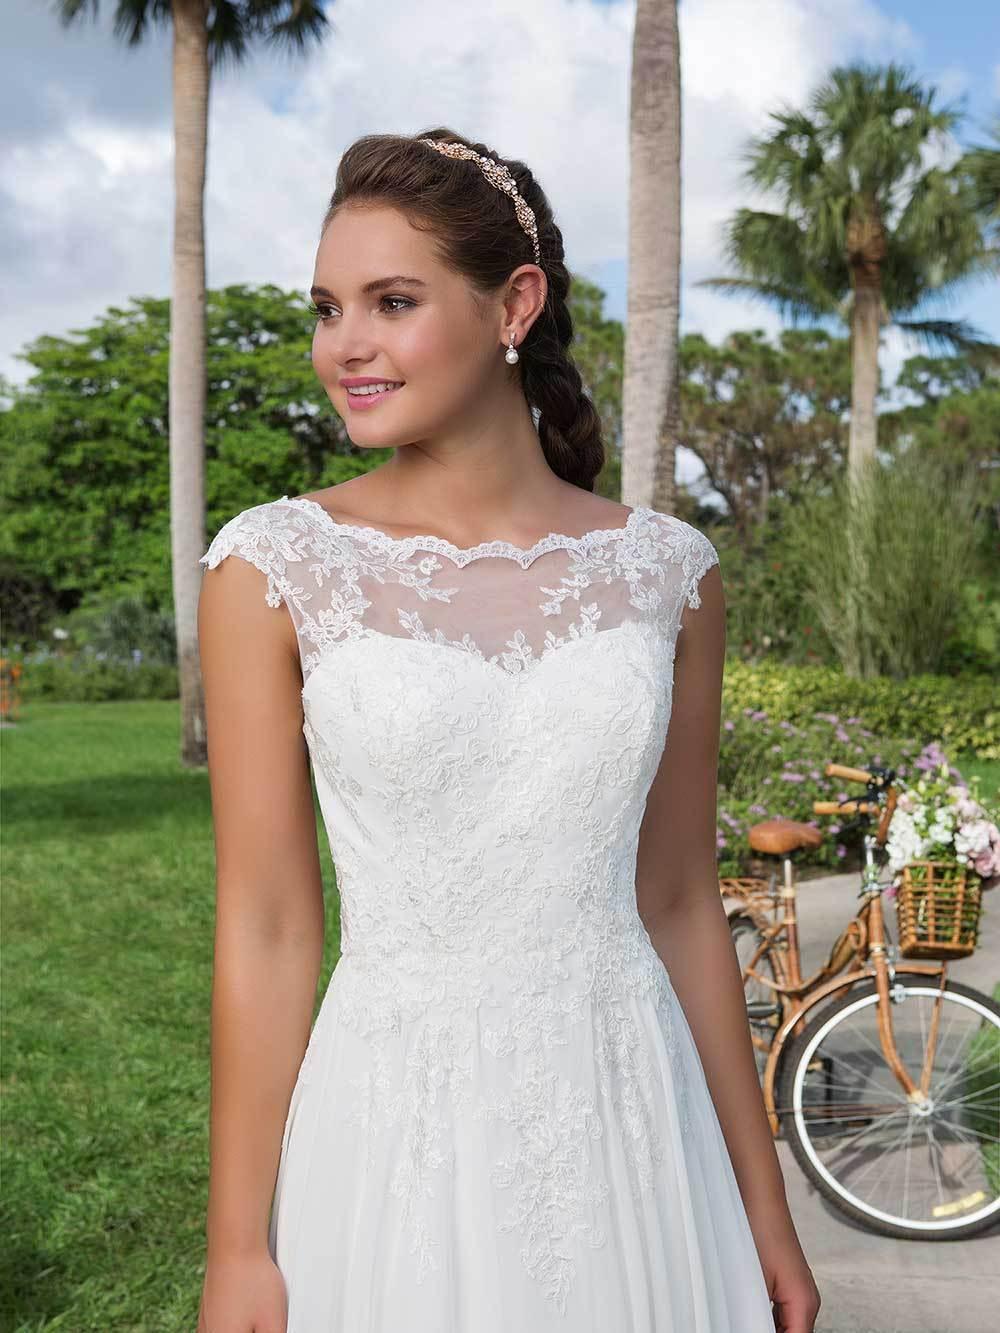 Brautkleid 6116 von Sweetheart auf Jade